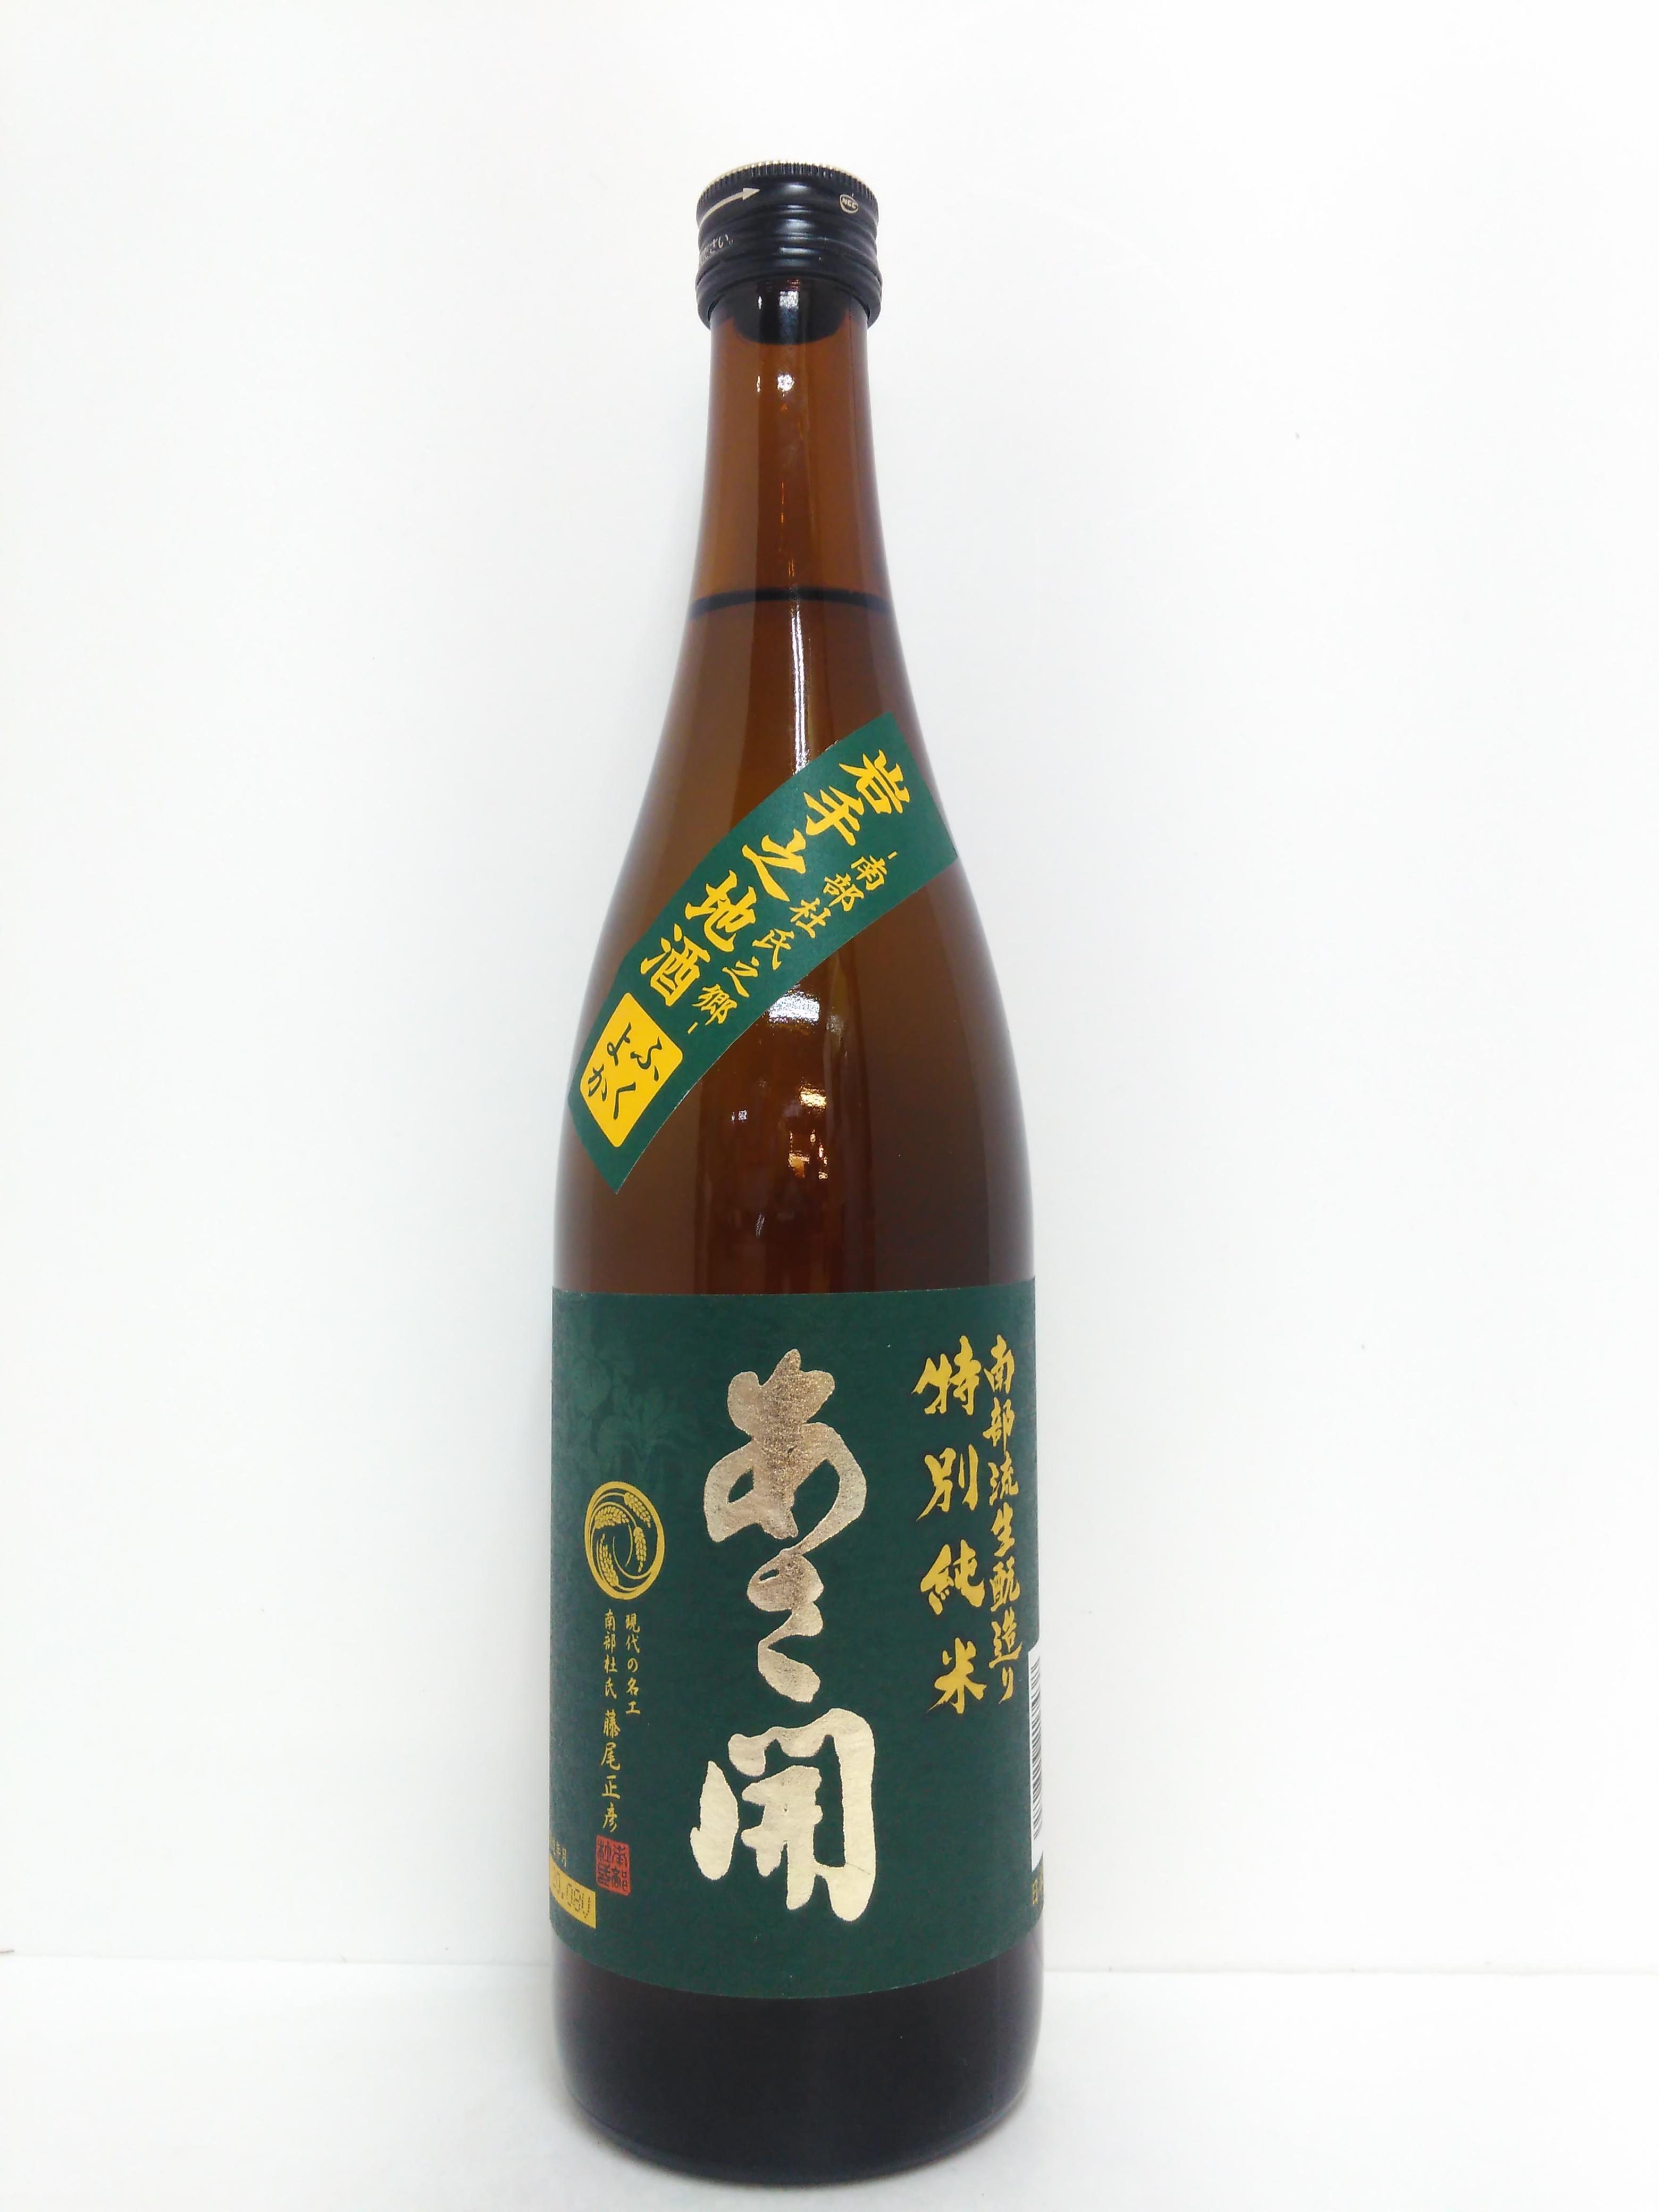 【TAKEYAスマイル便 対象品】あさ開 南部流 きもと造り 特別純米酒 720ml